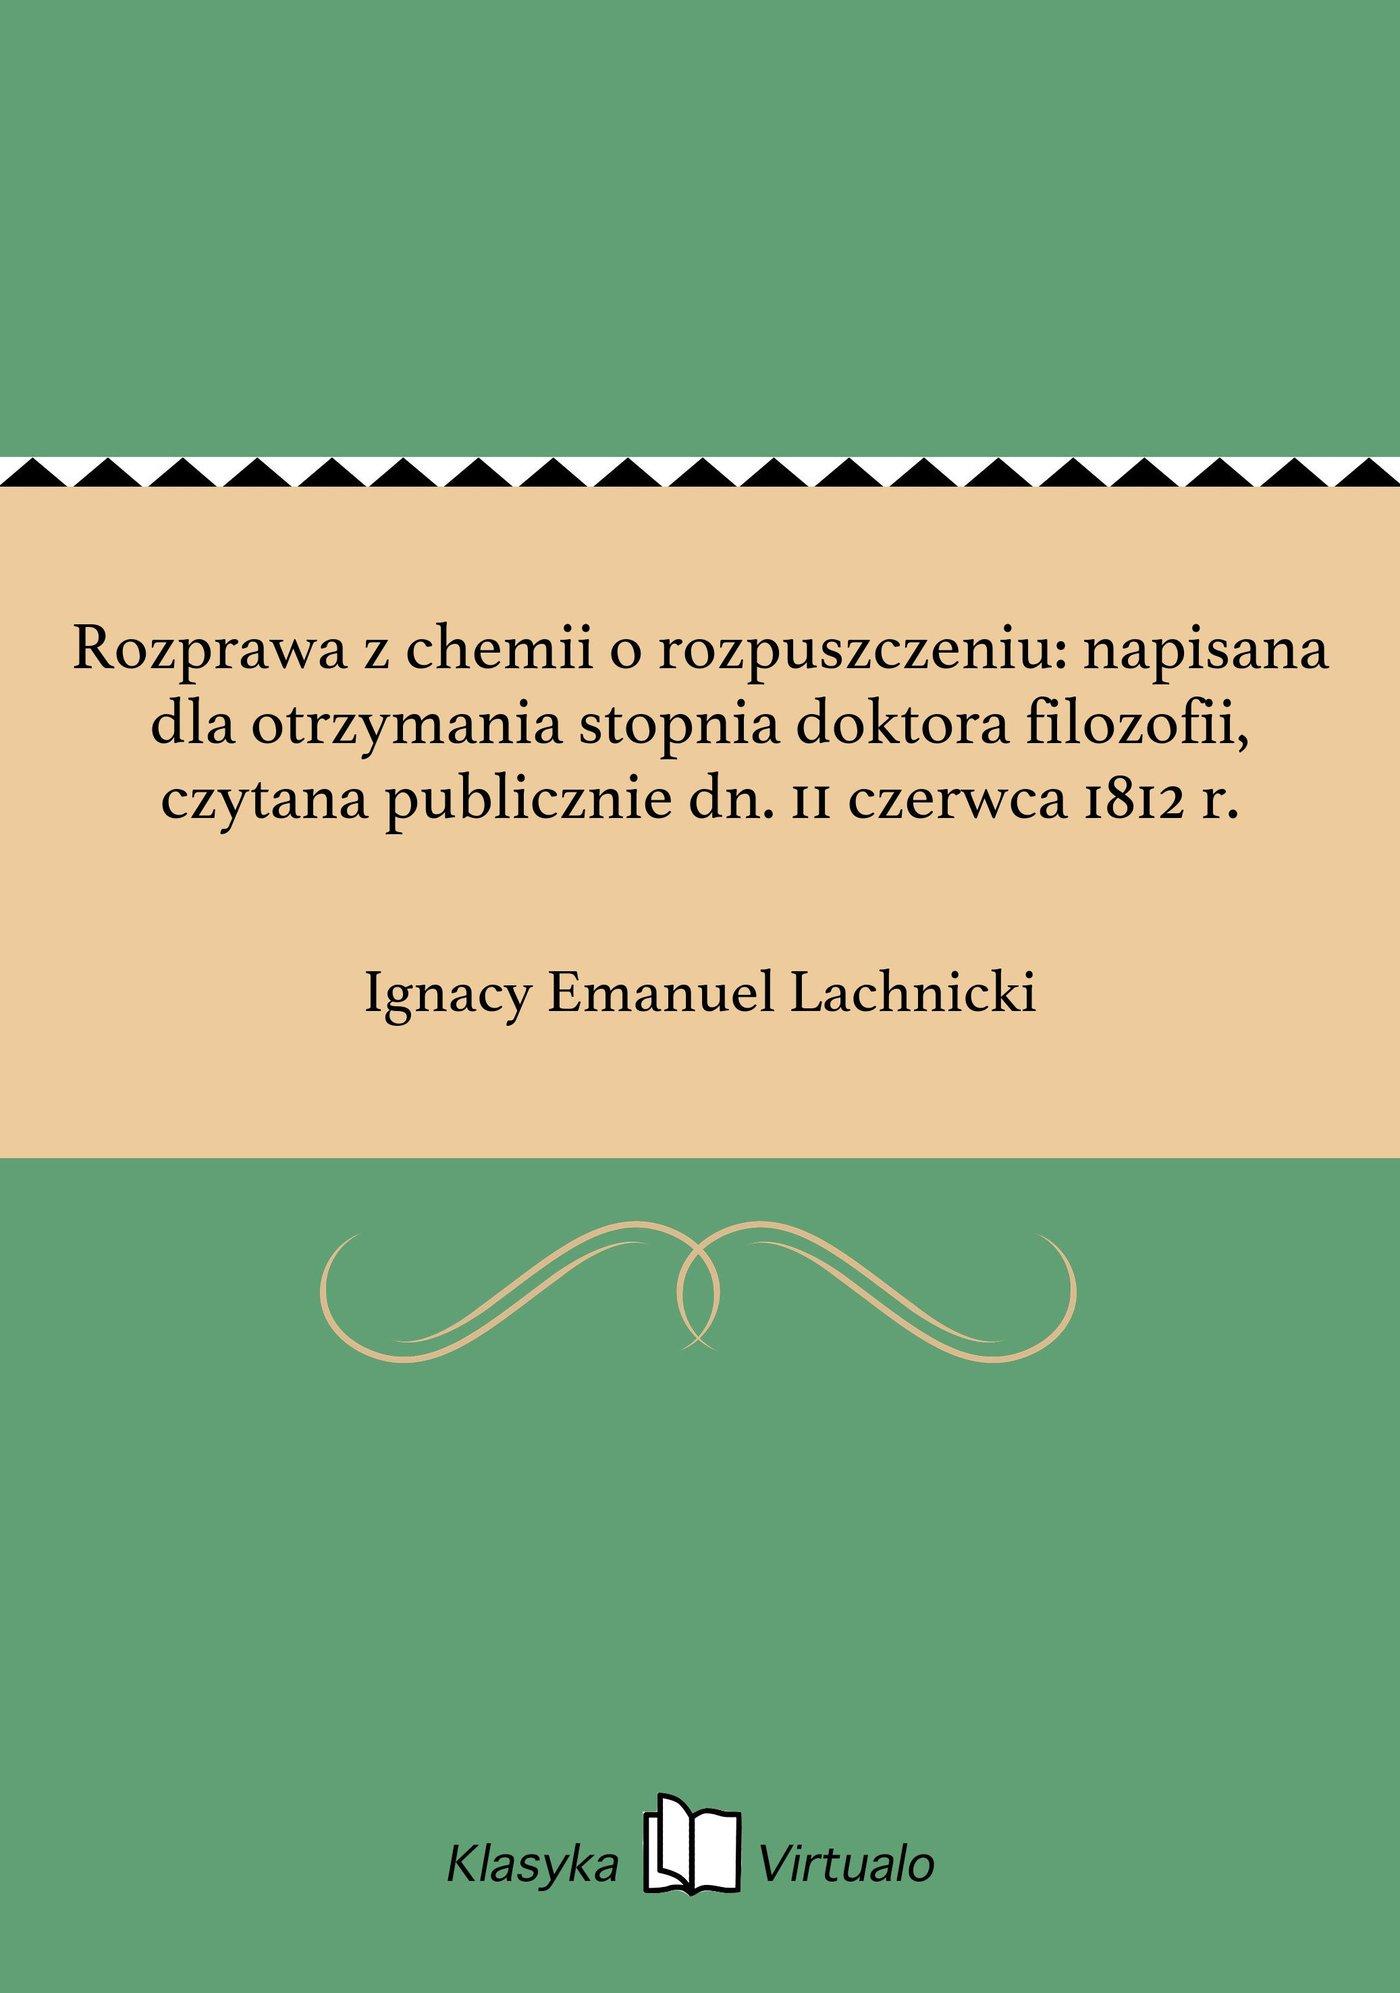 Rozprawa z chemii o rozpuszczeniu: napisana dla otrzymania stopnia doktora filozofii, czytana publicznie dn. 11 czerwca 1812 r. - Ebook (Książka na Kindle) do pobrania w formacie MOBI